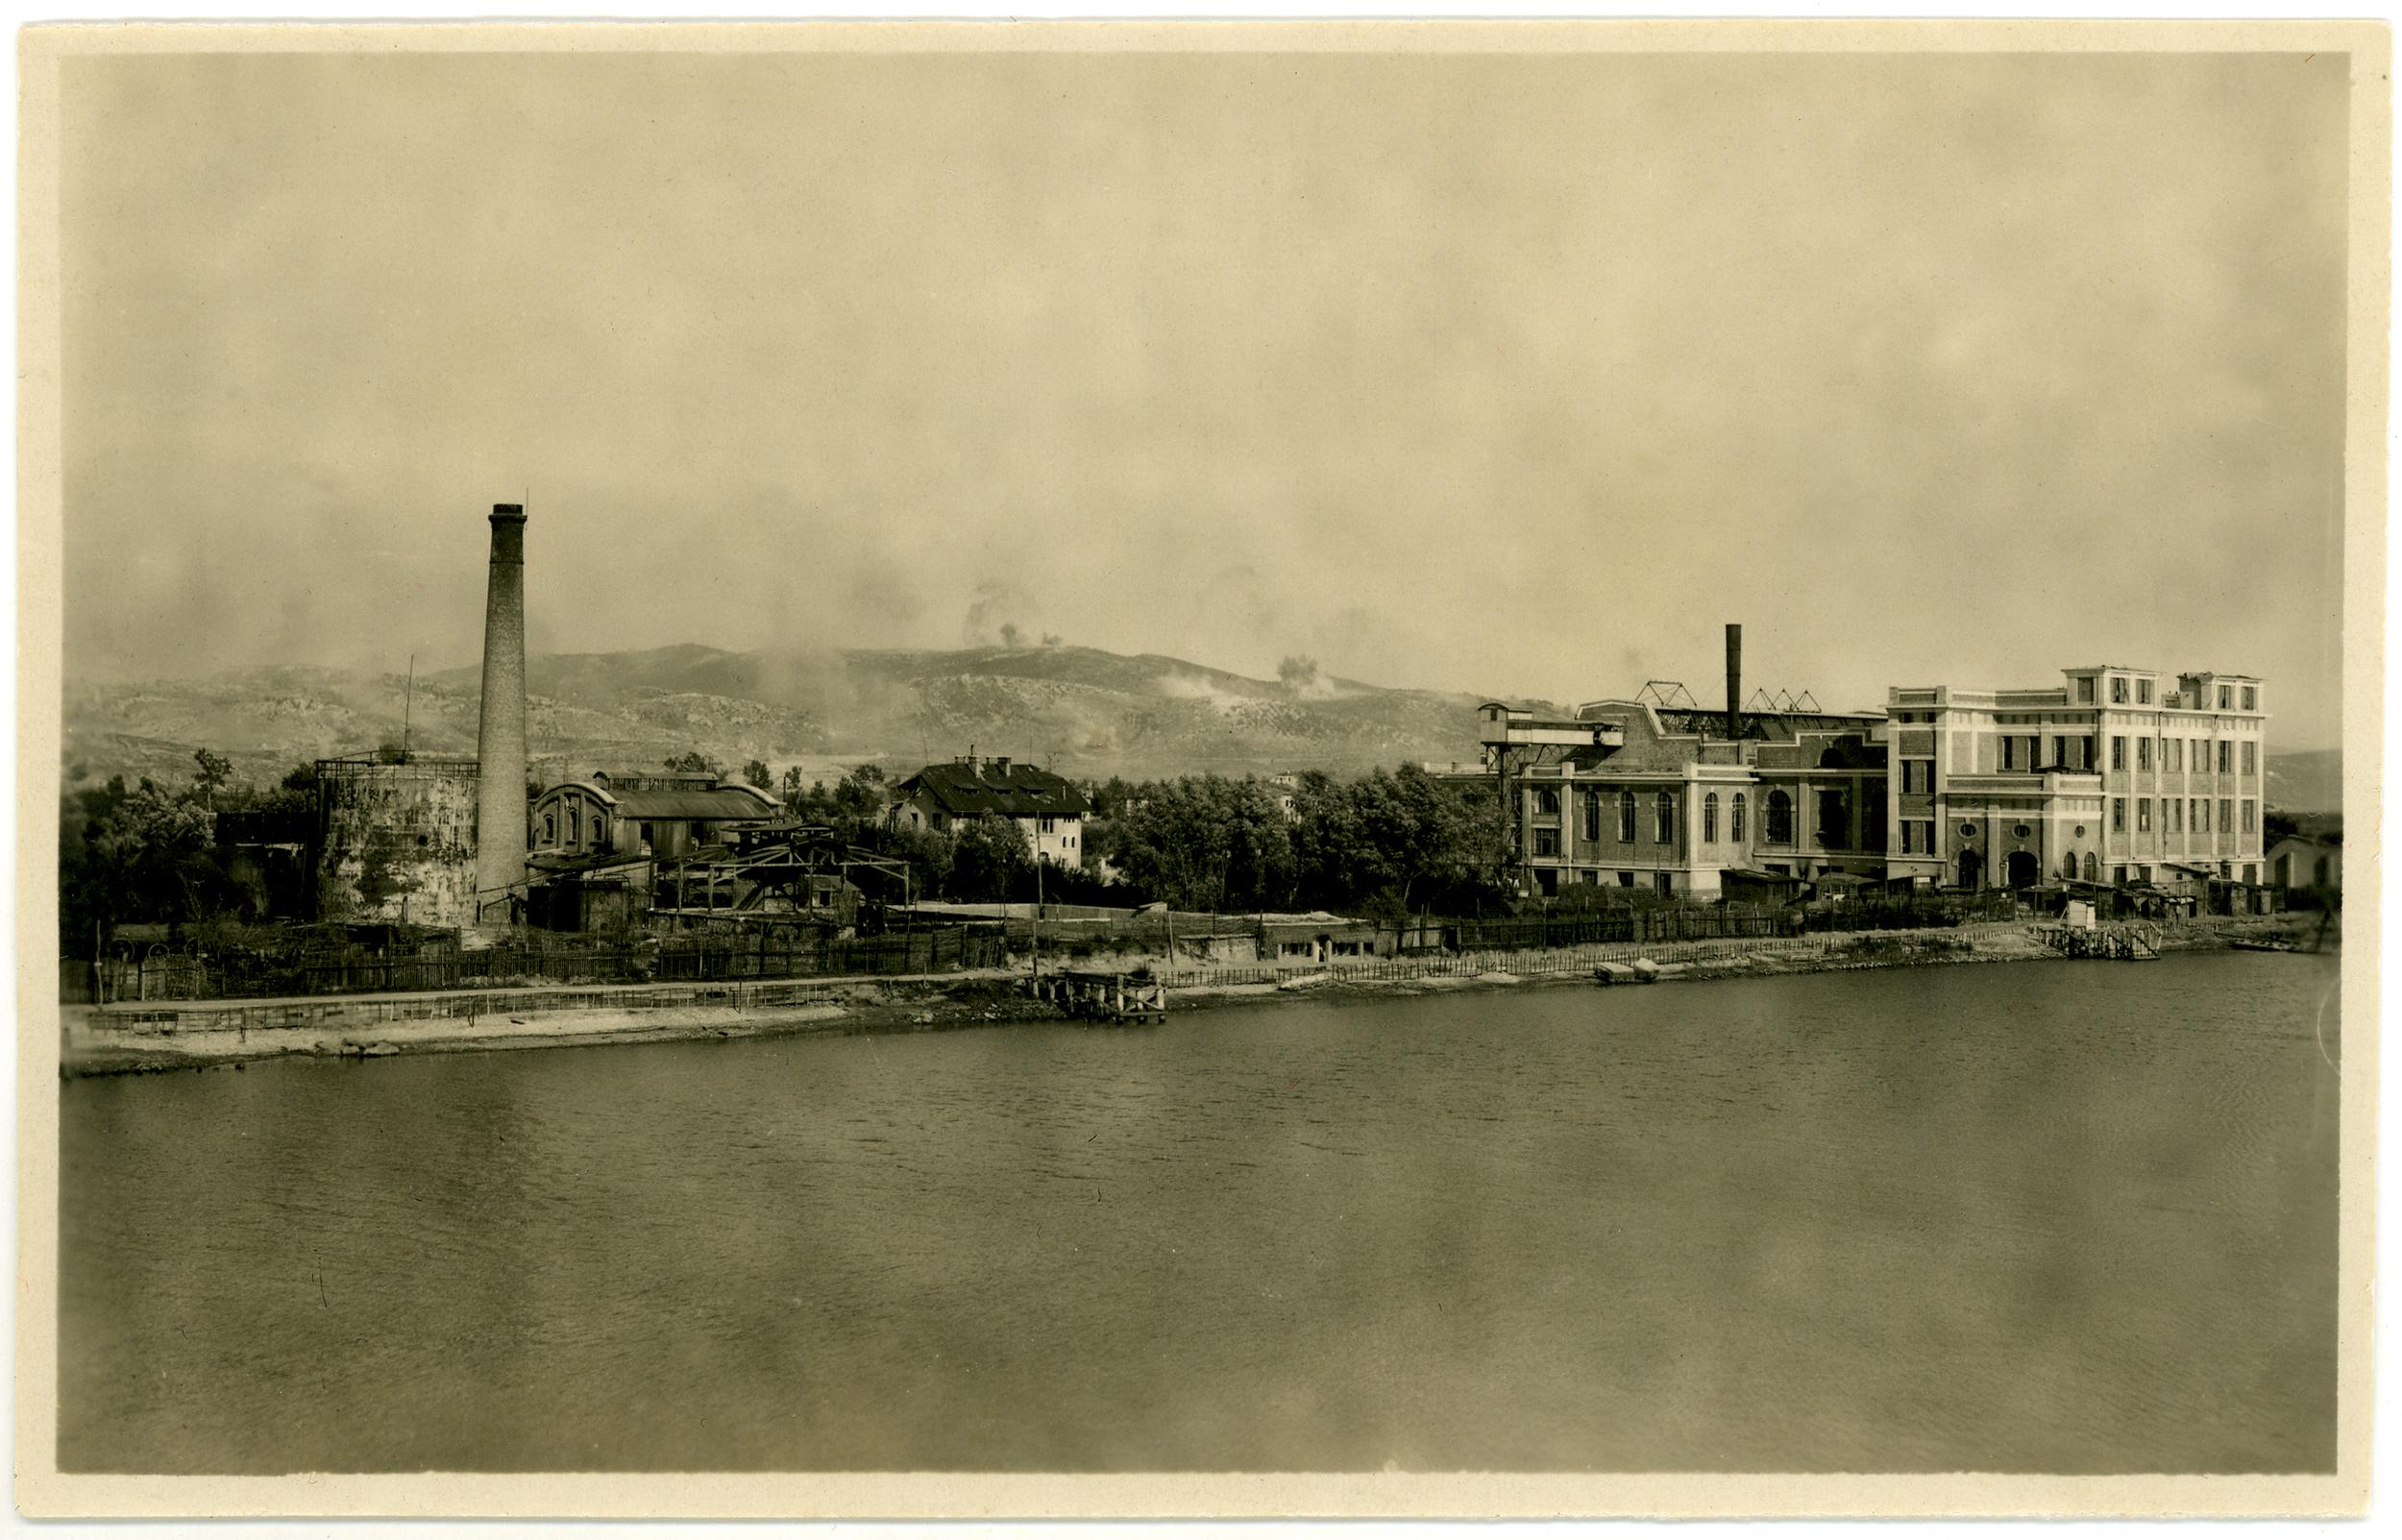 Sopra: vista degli stabilimenti dell'Adriawerke con sullo sfondo le quote contese 85 e 77 sotto bombardamento italiano